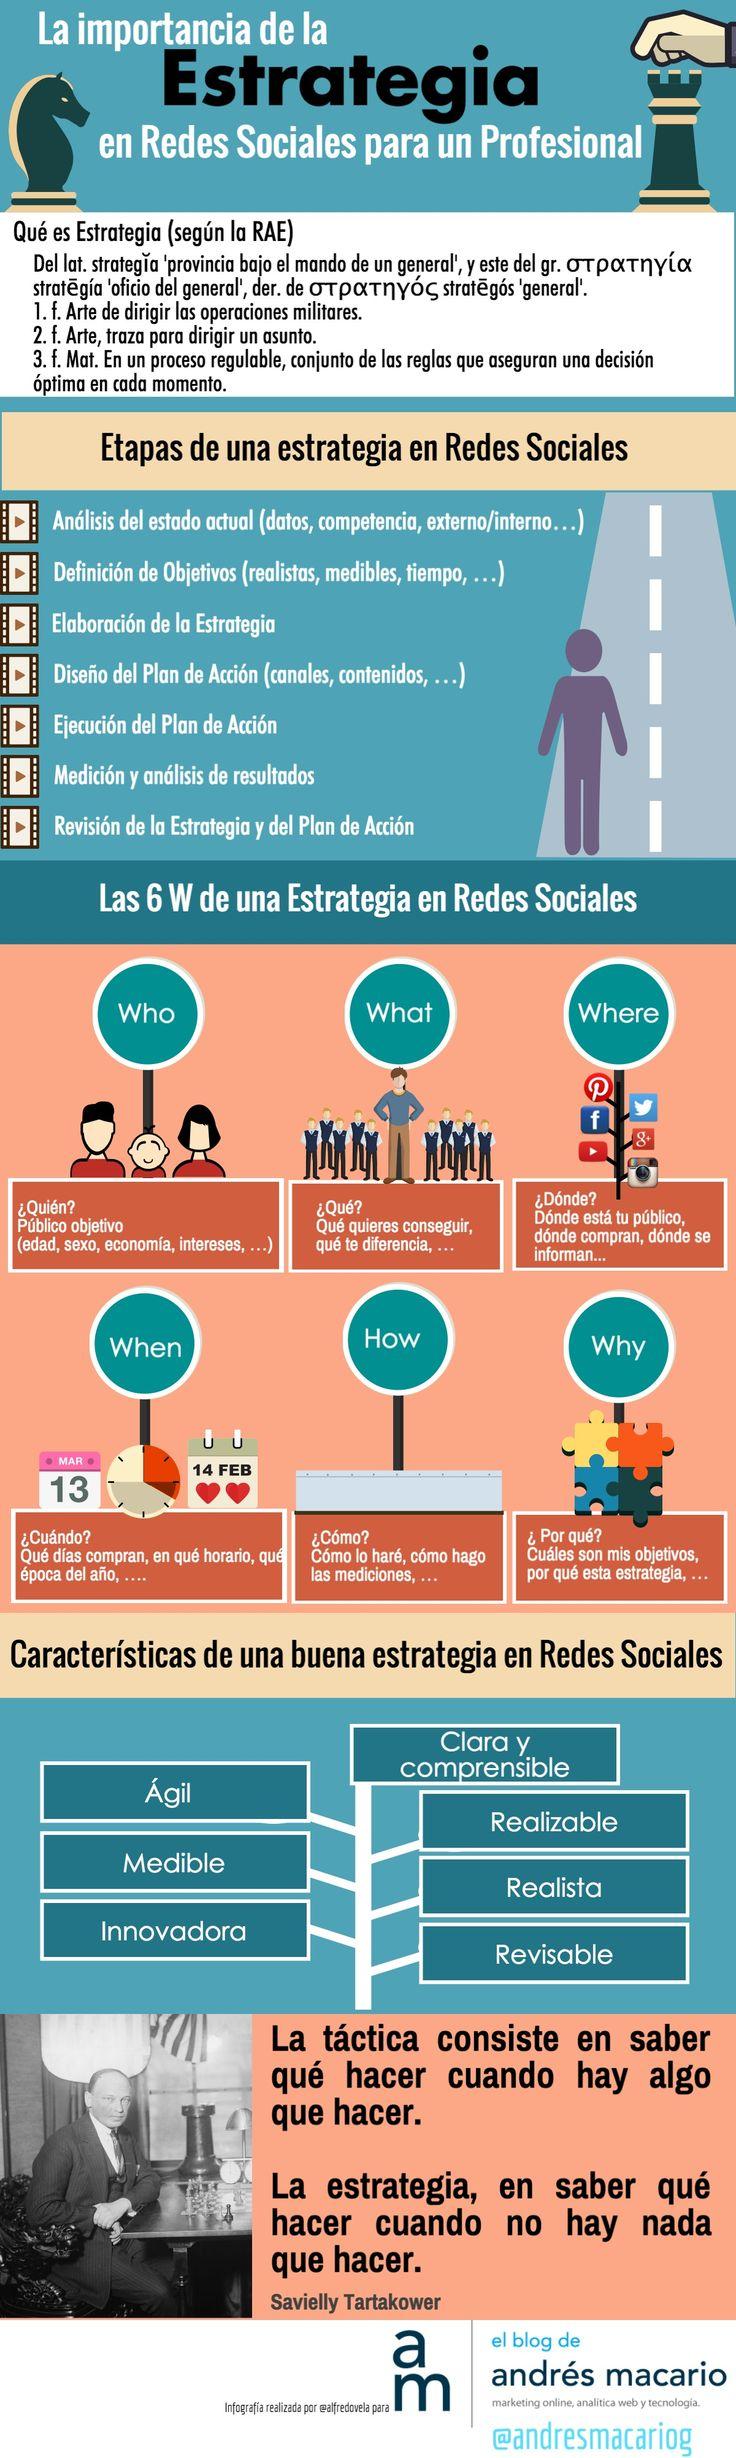 Hola: Una infografía sobre Redes Sociales: la importancia de la Estrategia. Vía Blog Andrés Macario Un saludo